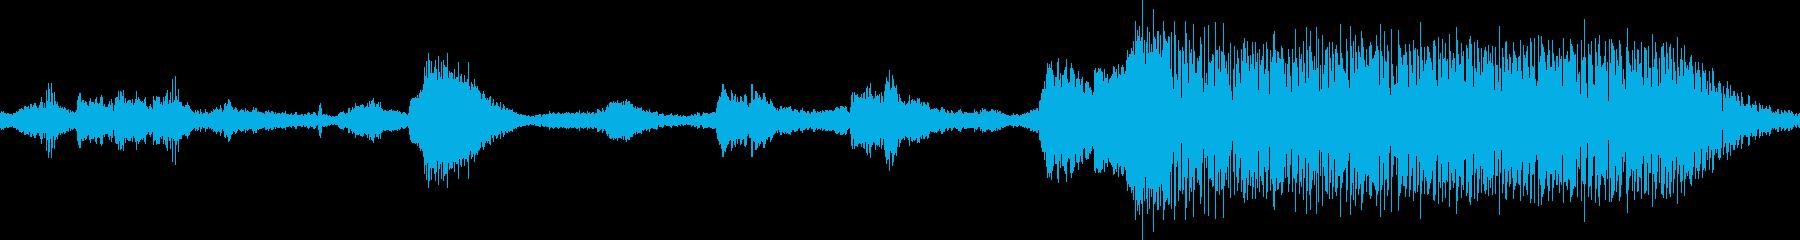 世界ケルト研究所穏やかで静かなイン...の再生済みの波形